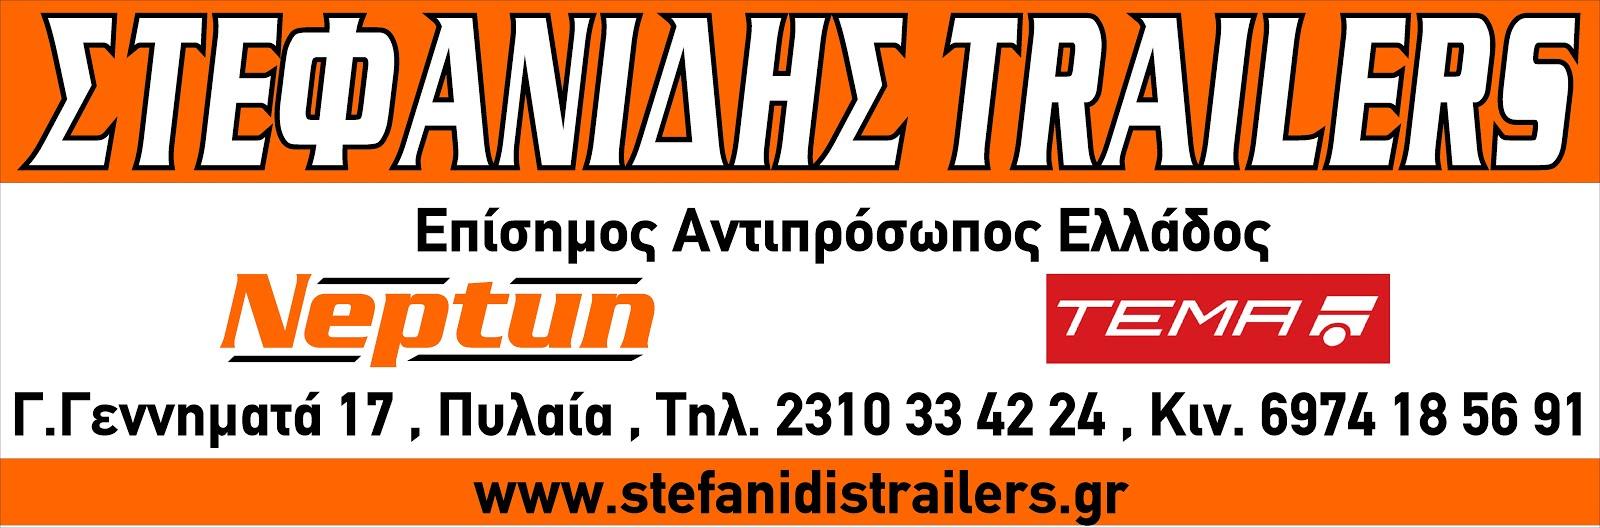 ΣΤΕΦΑΝΙΔΗΣ TRAILERS